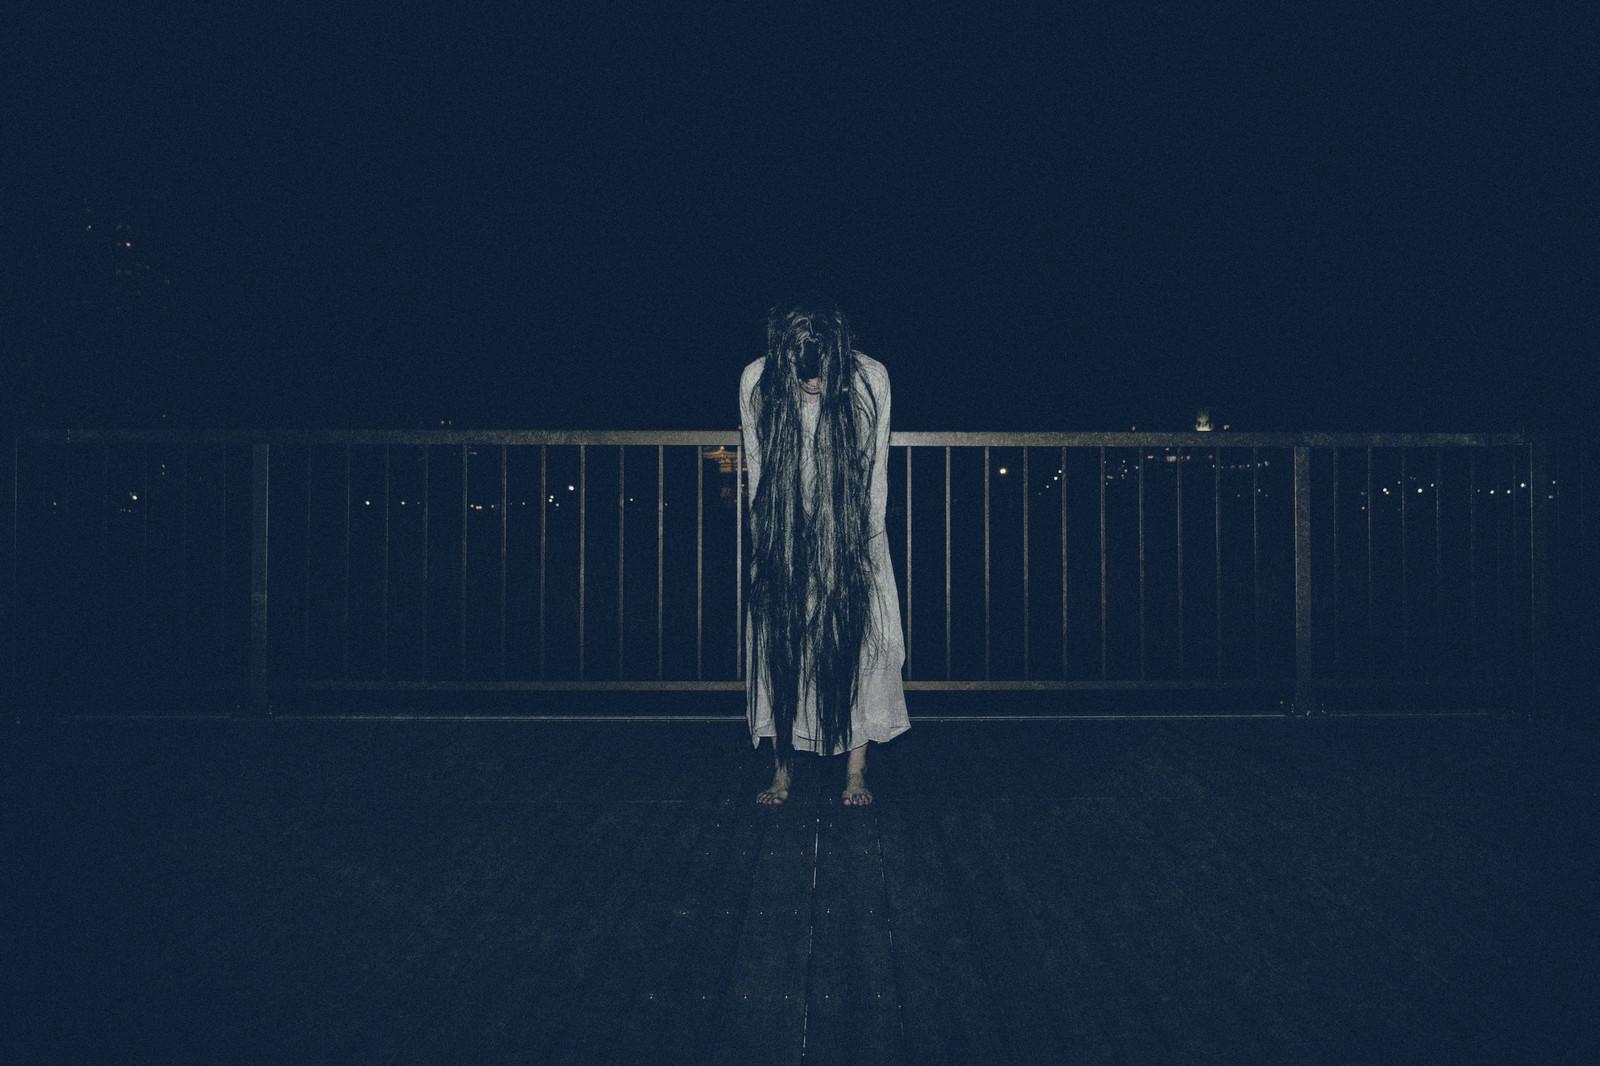 「真夜中の公園で裸足で佇む女性」の写真[モデル:緋真煉]